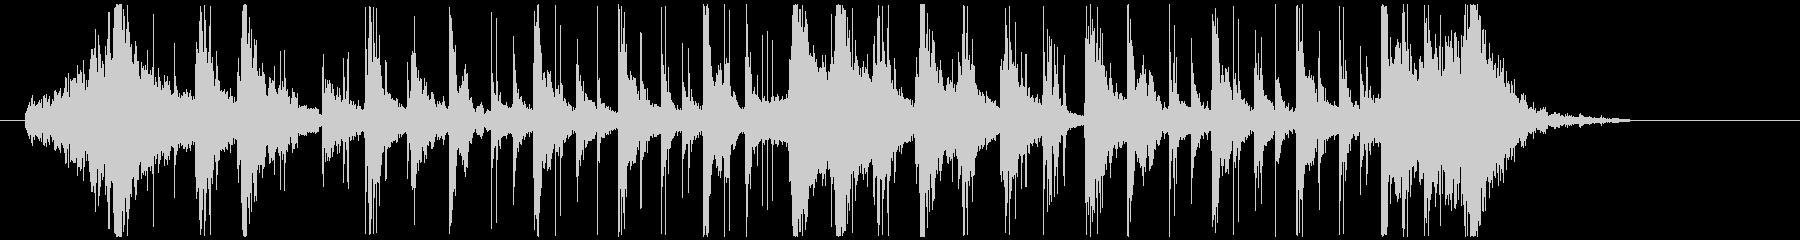 ノリノリなリズム&パーカッションロゴの未再生の波形